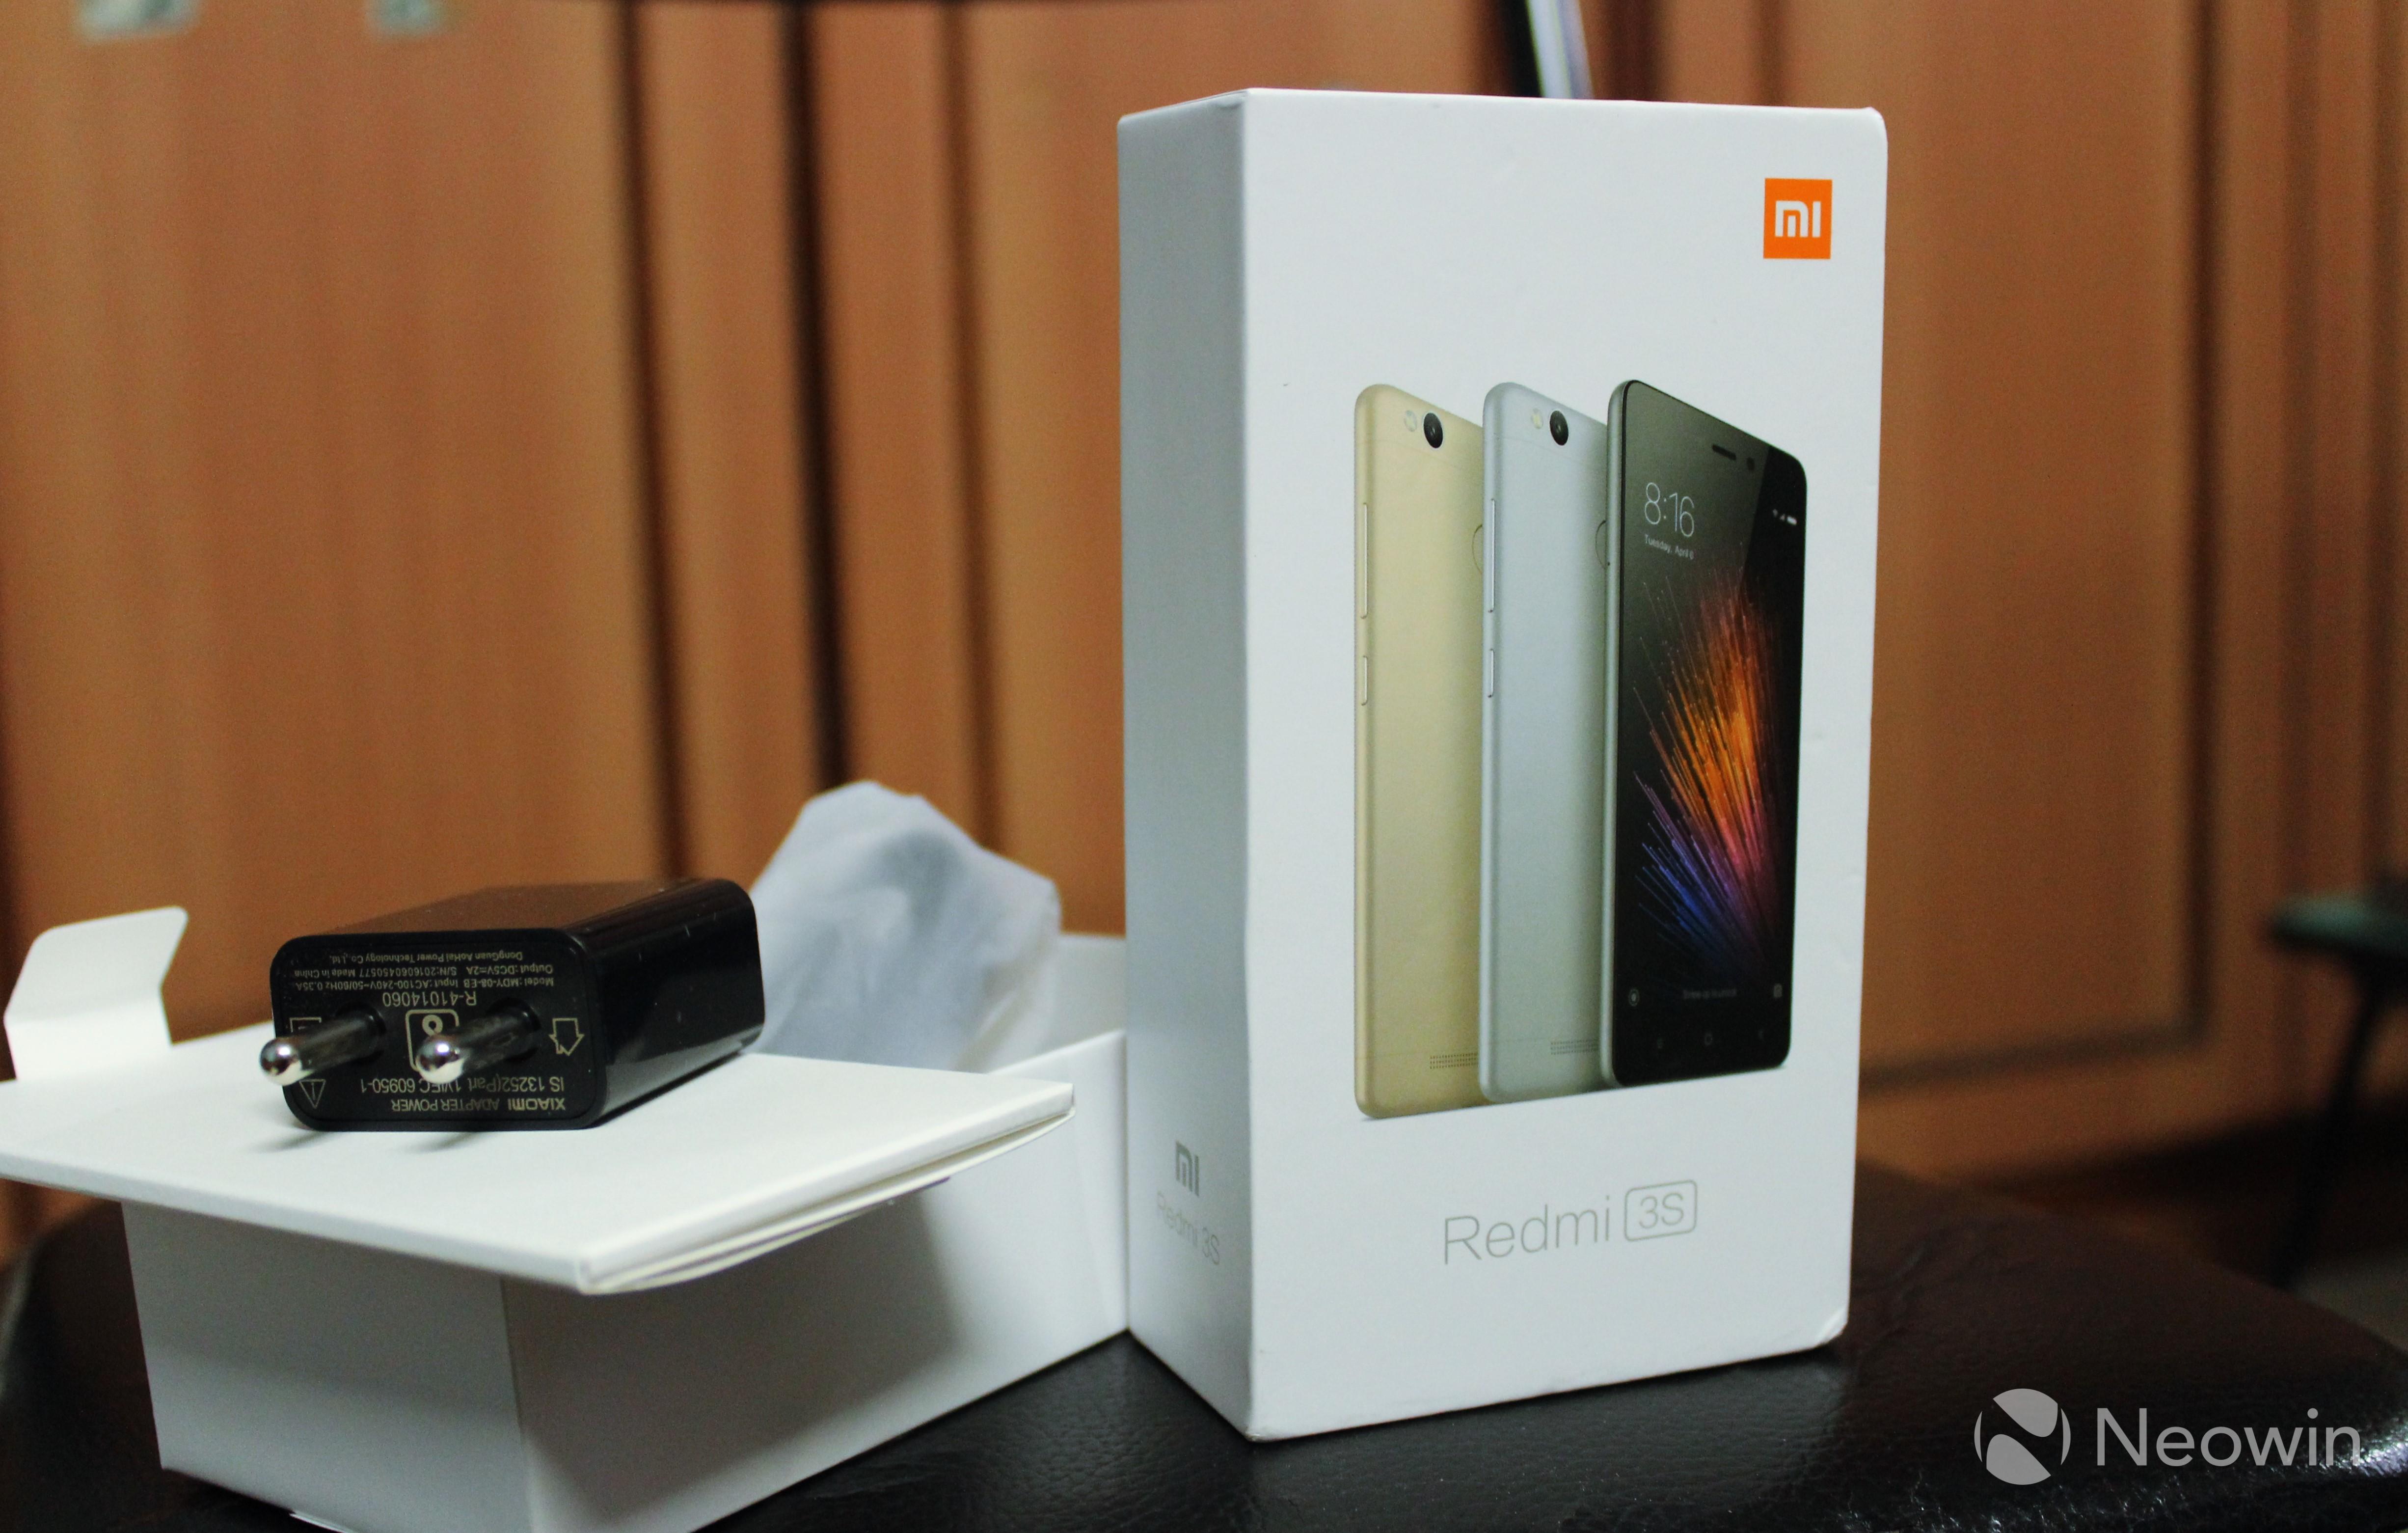 Xiaomi Redmi 3S Prime Review: Plenty of hits, a few misses